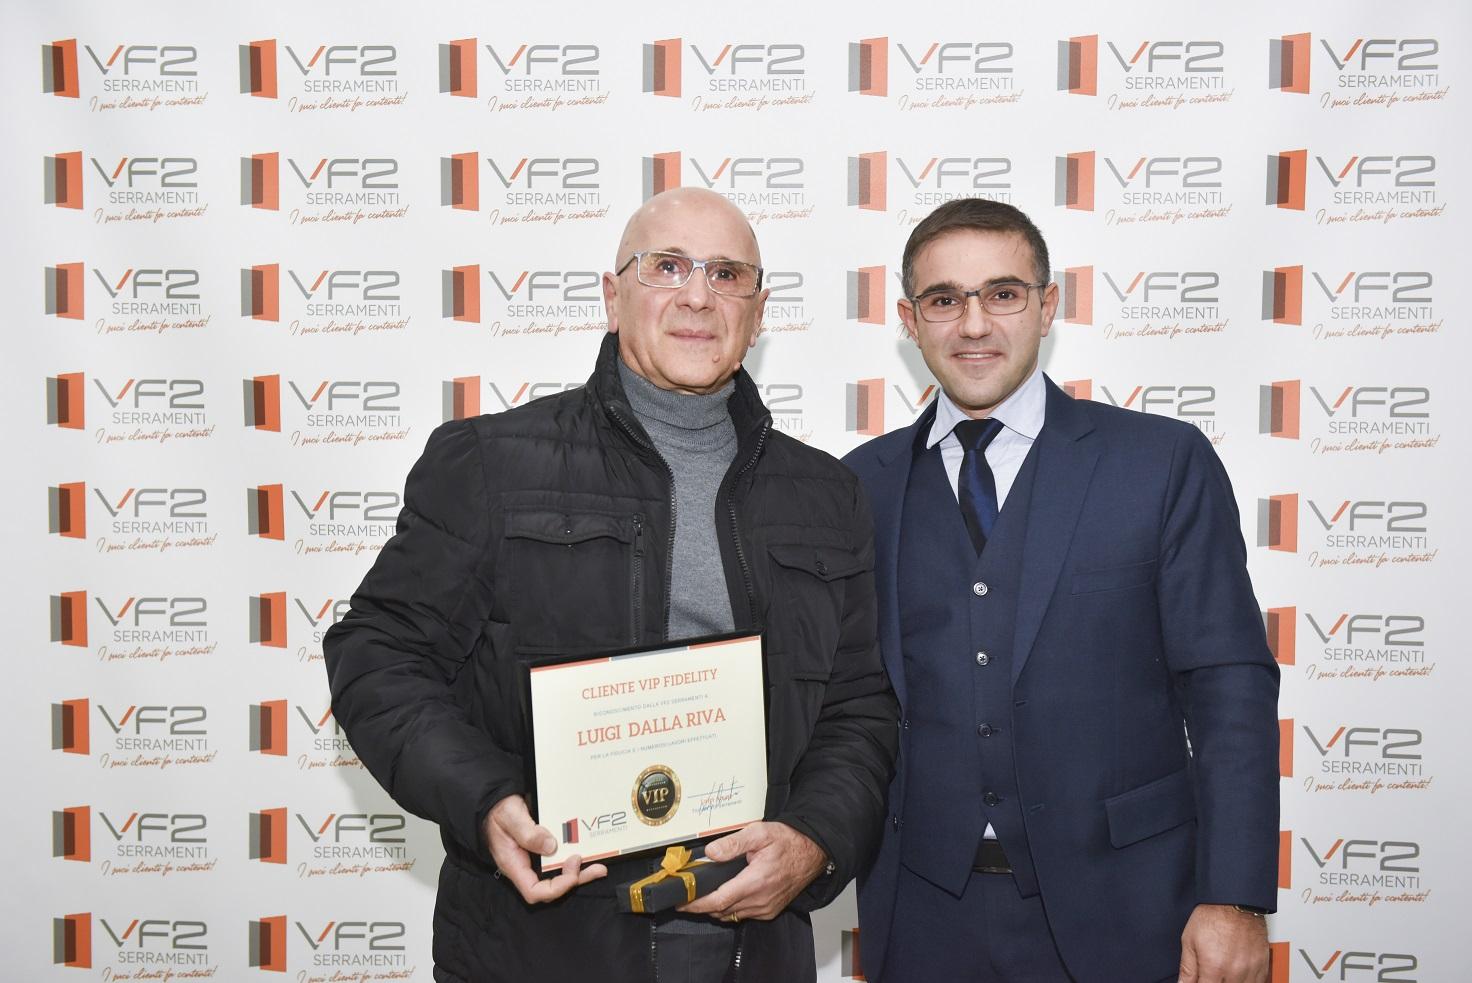 Vf2 Serramenti Riconoscimenti Luigi Dalla Riva